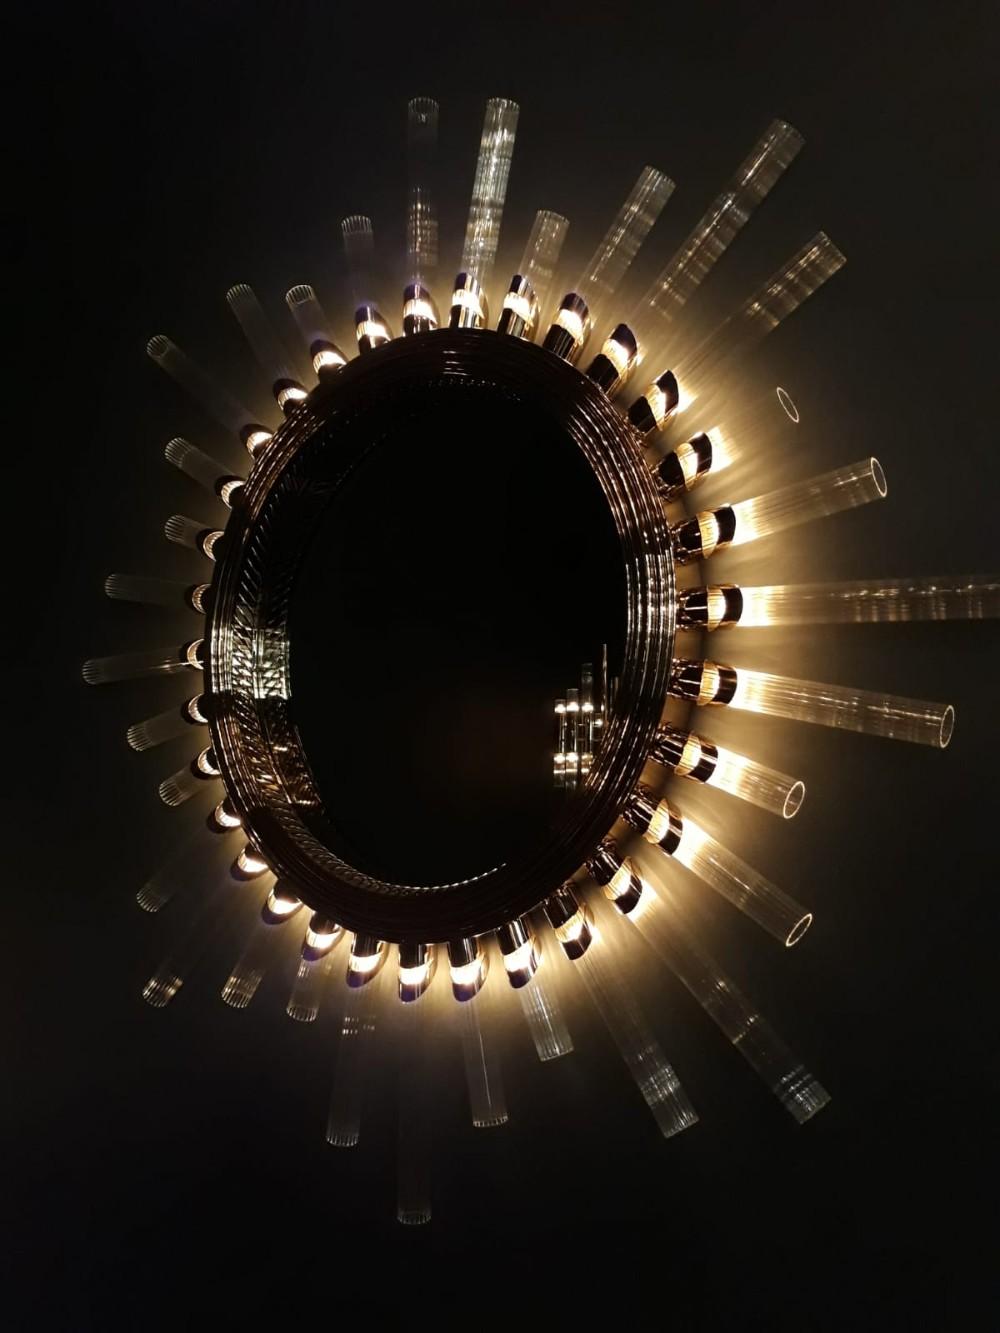 Meet LUXXU's New Furniture Designs At iSaloni 2019 milan design week 2019 Milan Design Week 2019 – The Best Events Meet LUXXU   s New Furniture Designs At iSaloni 2019 01 1 milan design week 2019 Milan Design Week 2019 – The Best Events Meet LUXXU E2 80 99s New Furniture Designs At iSaloni 2019 01 1